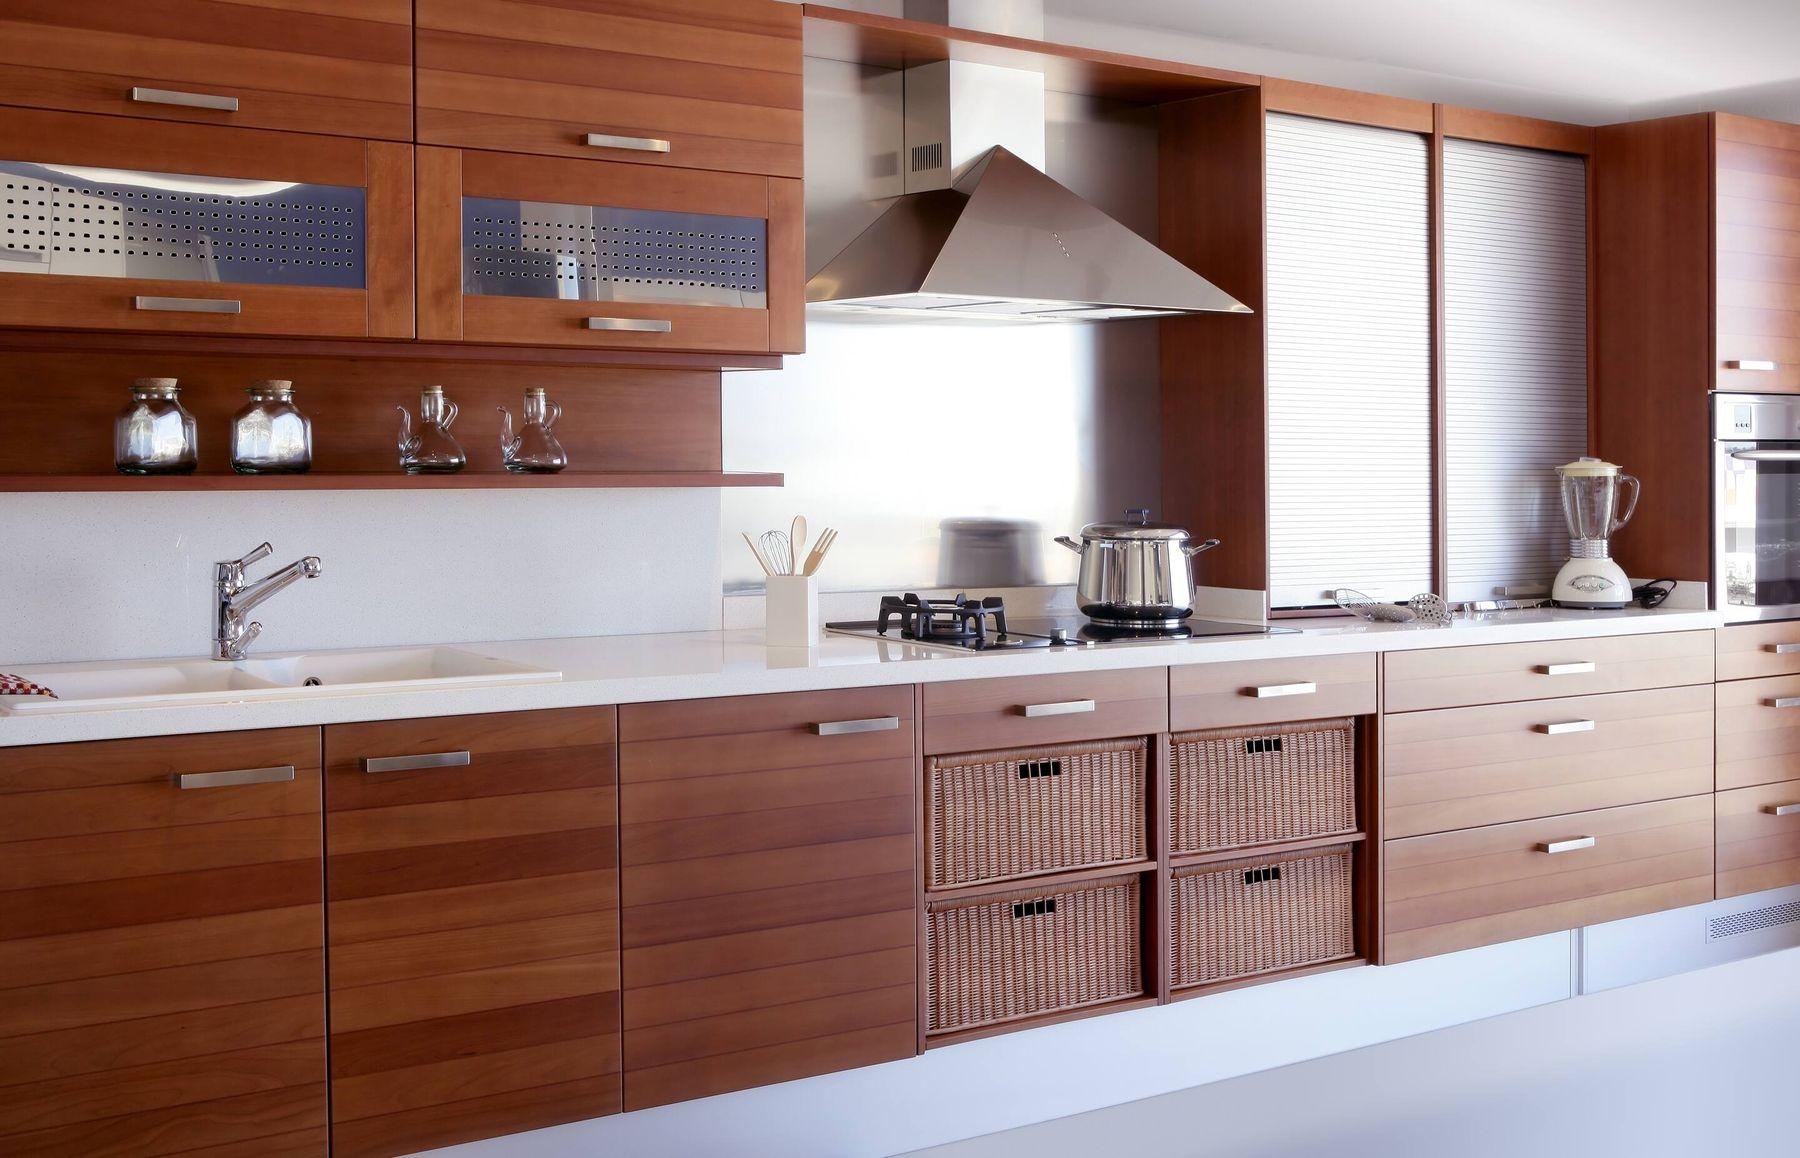 cách trang trí nhà bếp bằng gỗ